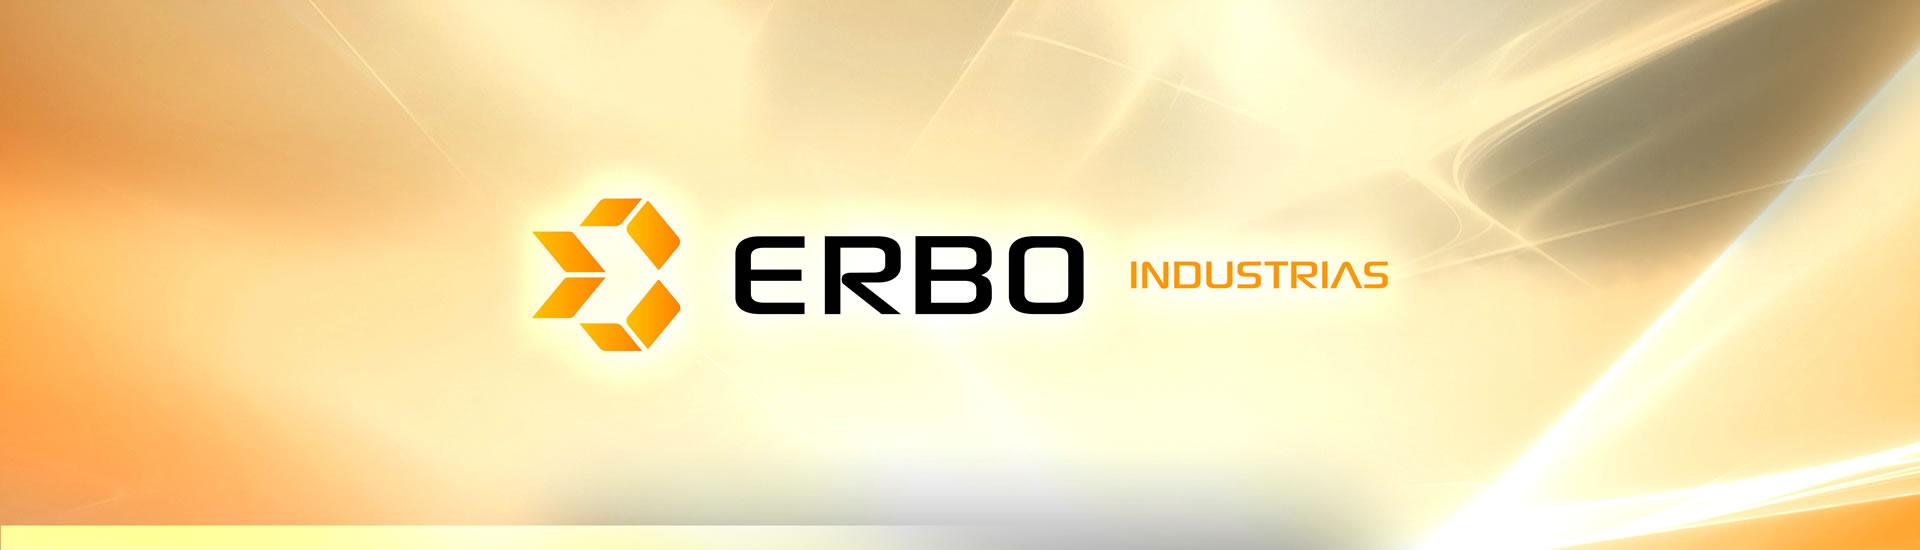 ErboIndustrias nuestra empresa